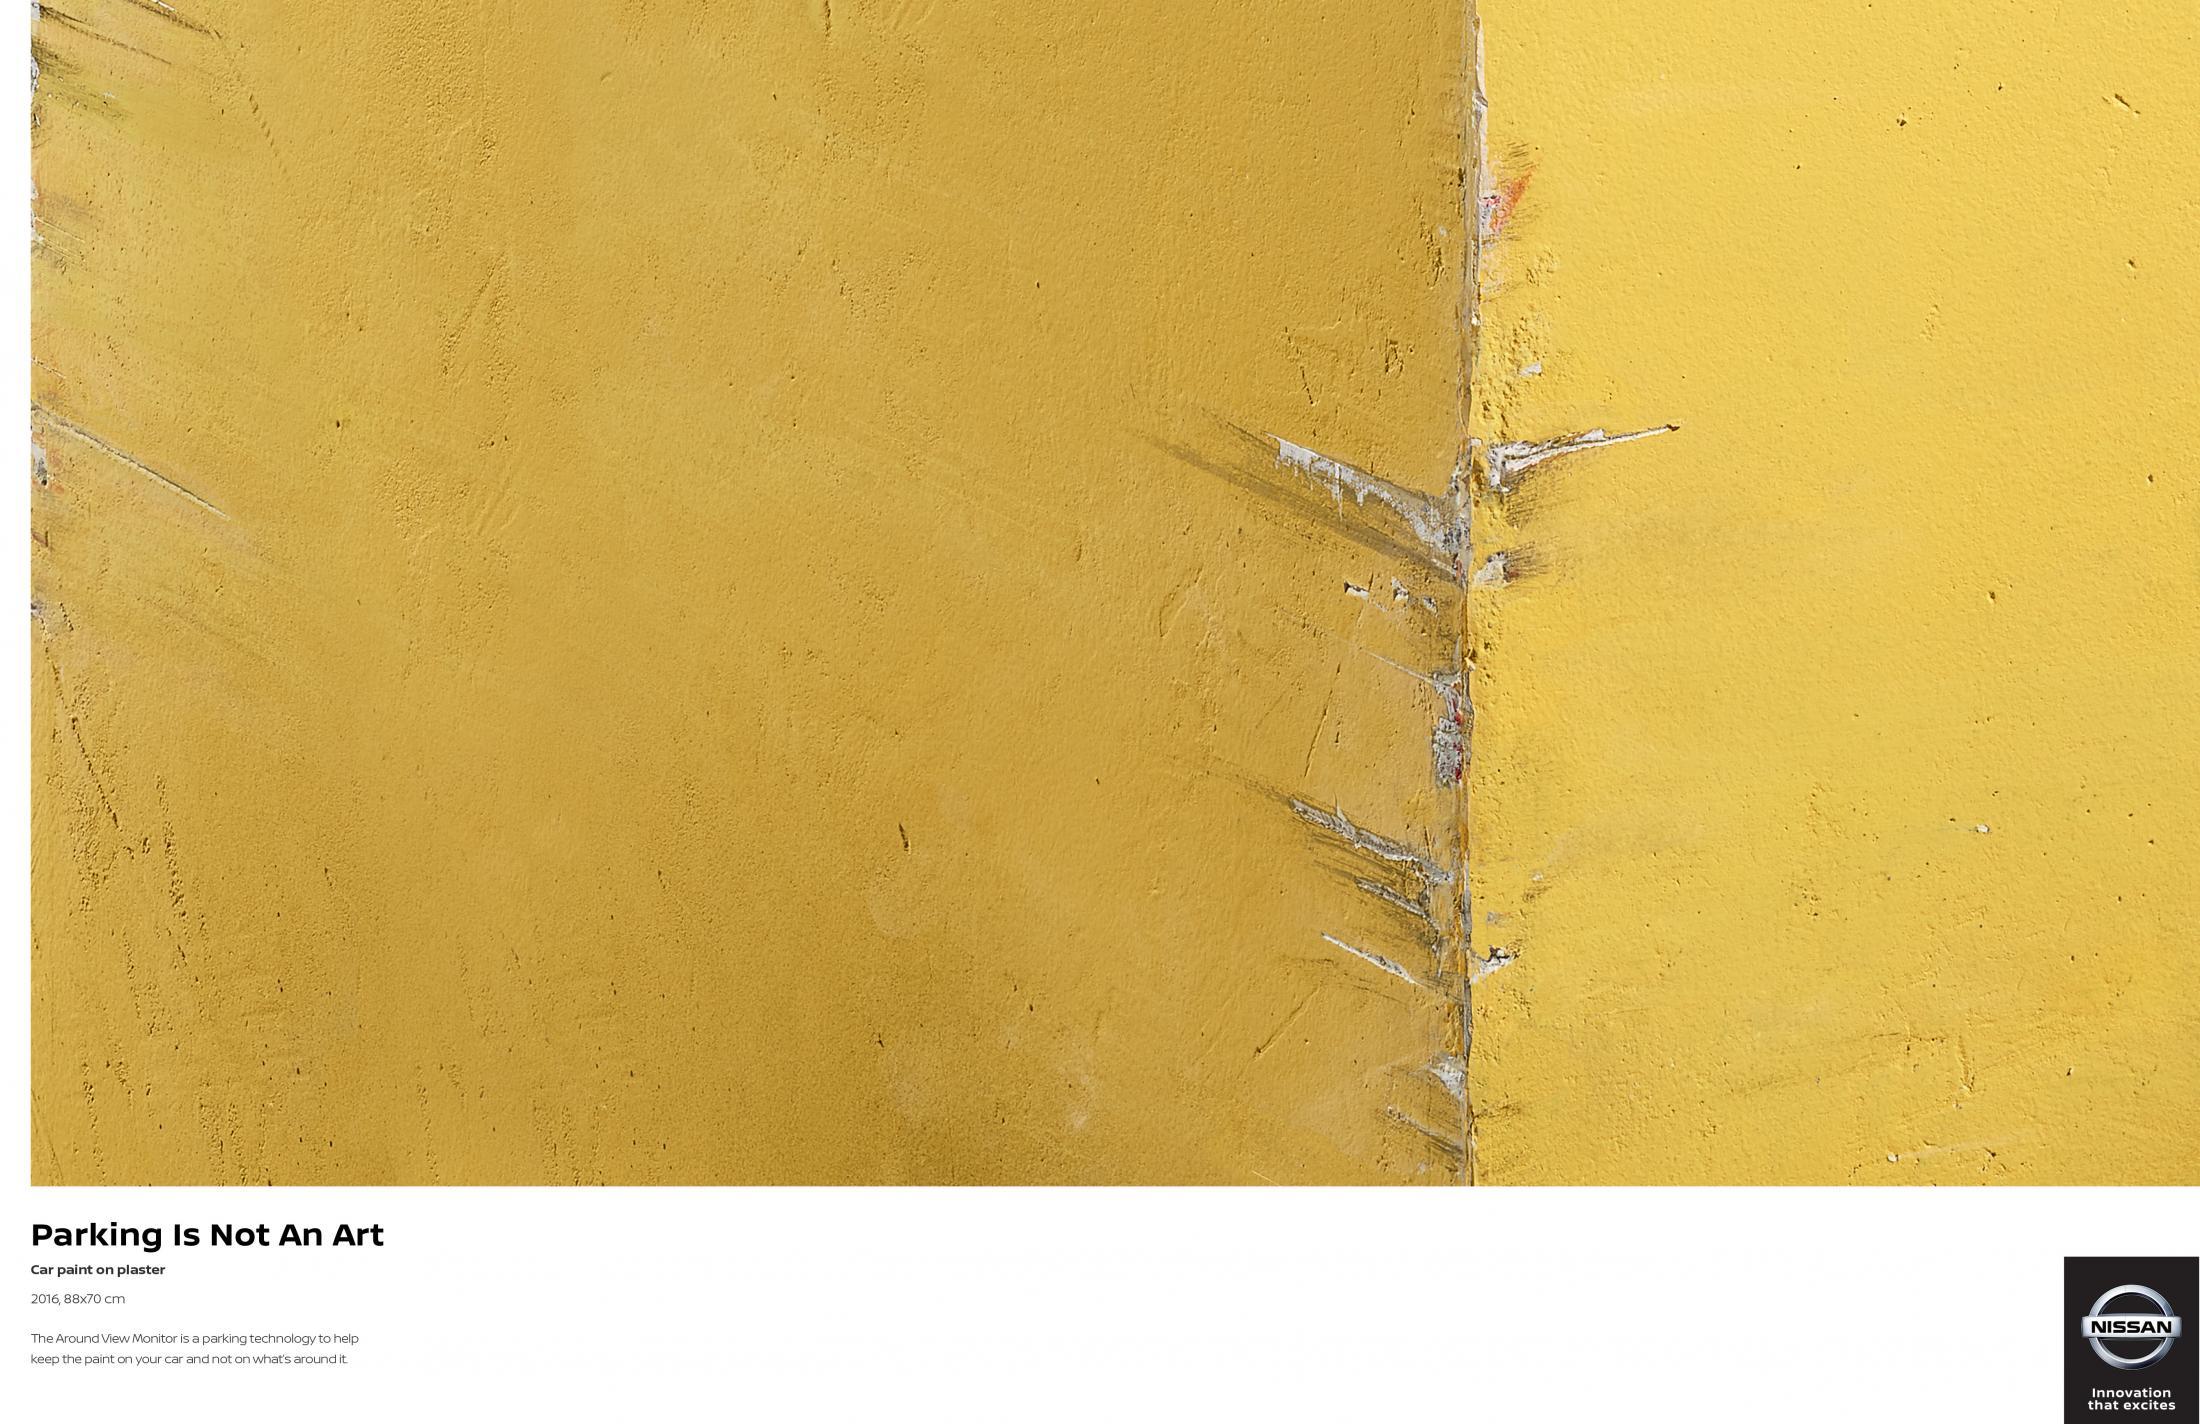 nissan-parking-is-not-an-art_prints_uk-3